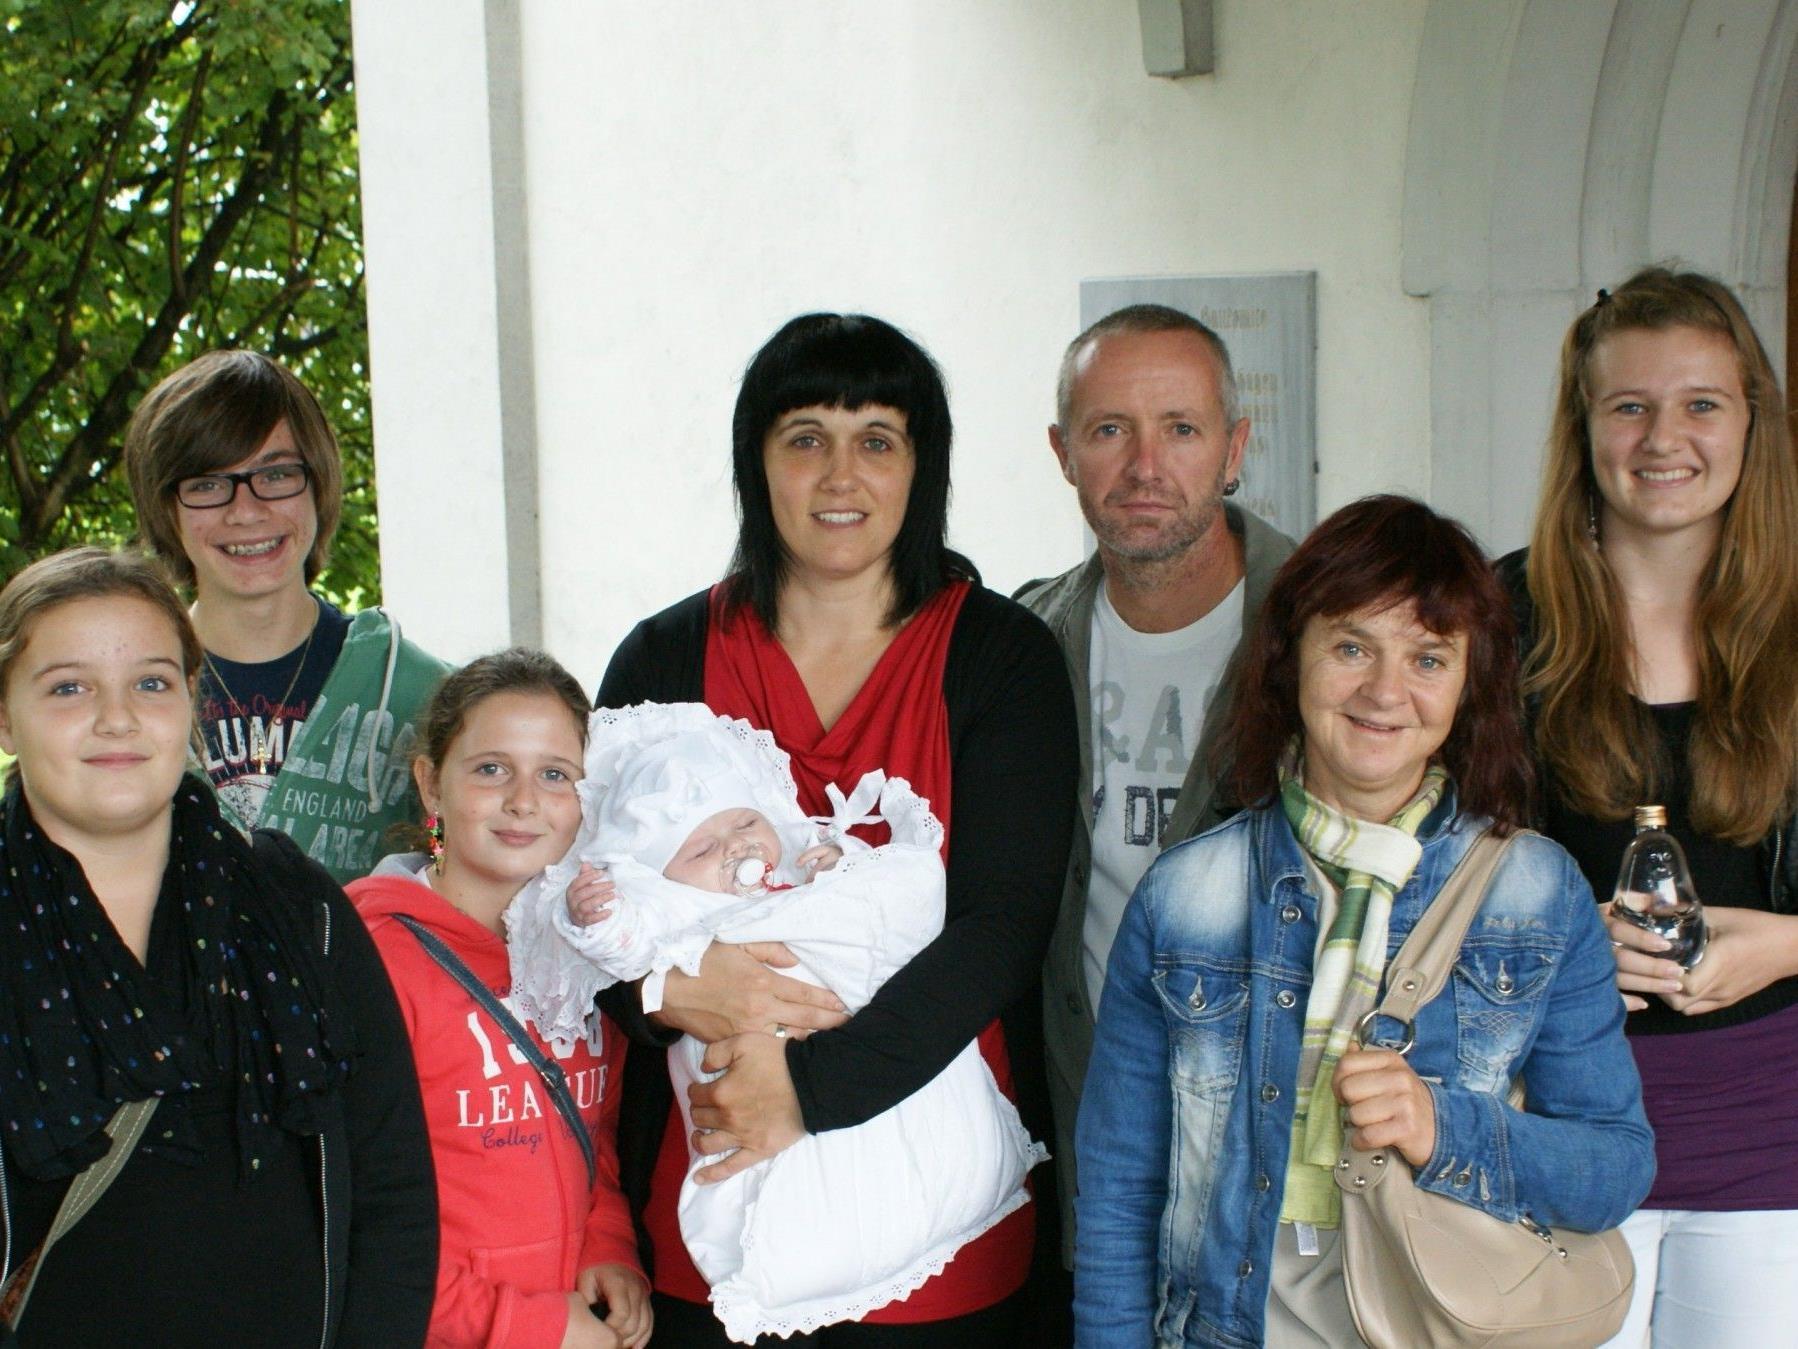 Taufe von Anna Hernegger in der Antoniuskapelle am 29.9.12